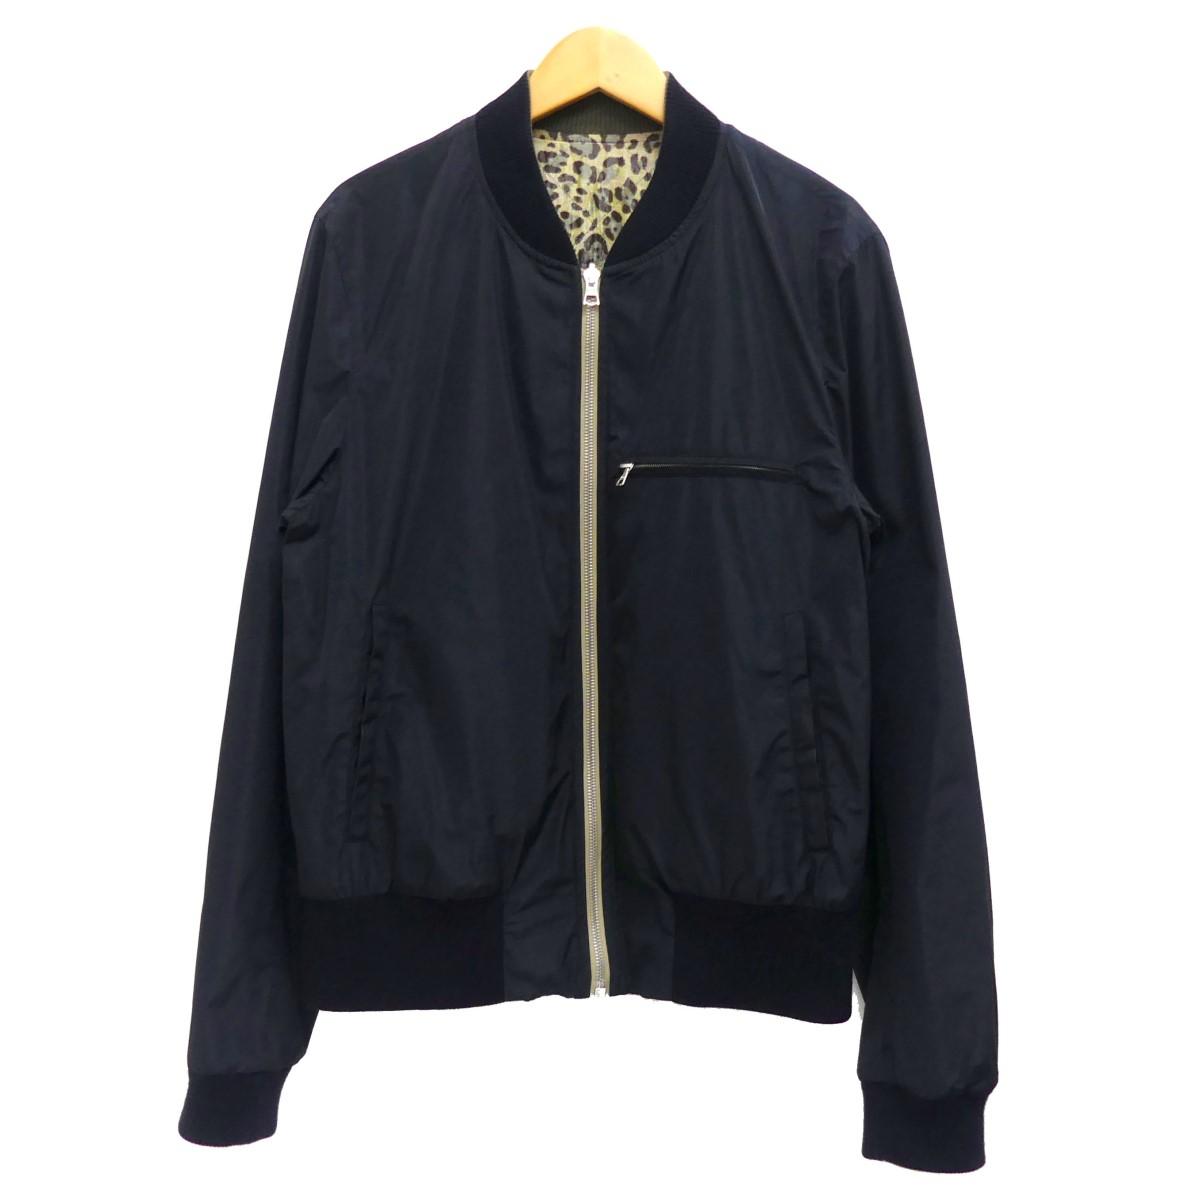 【中古】DRIES VAN NOTEN リバーシブルジップアップジャケット ネイビー サイズ:46 【070920】(ドリスヴァンノッテン)